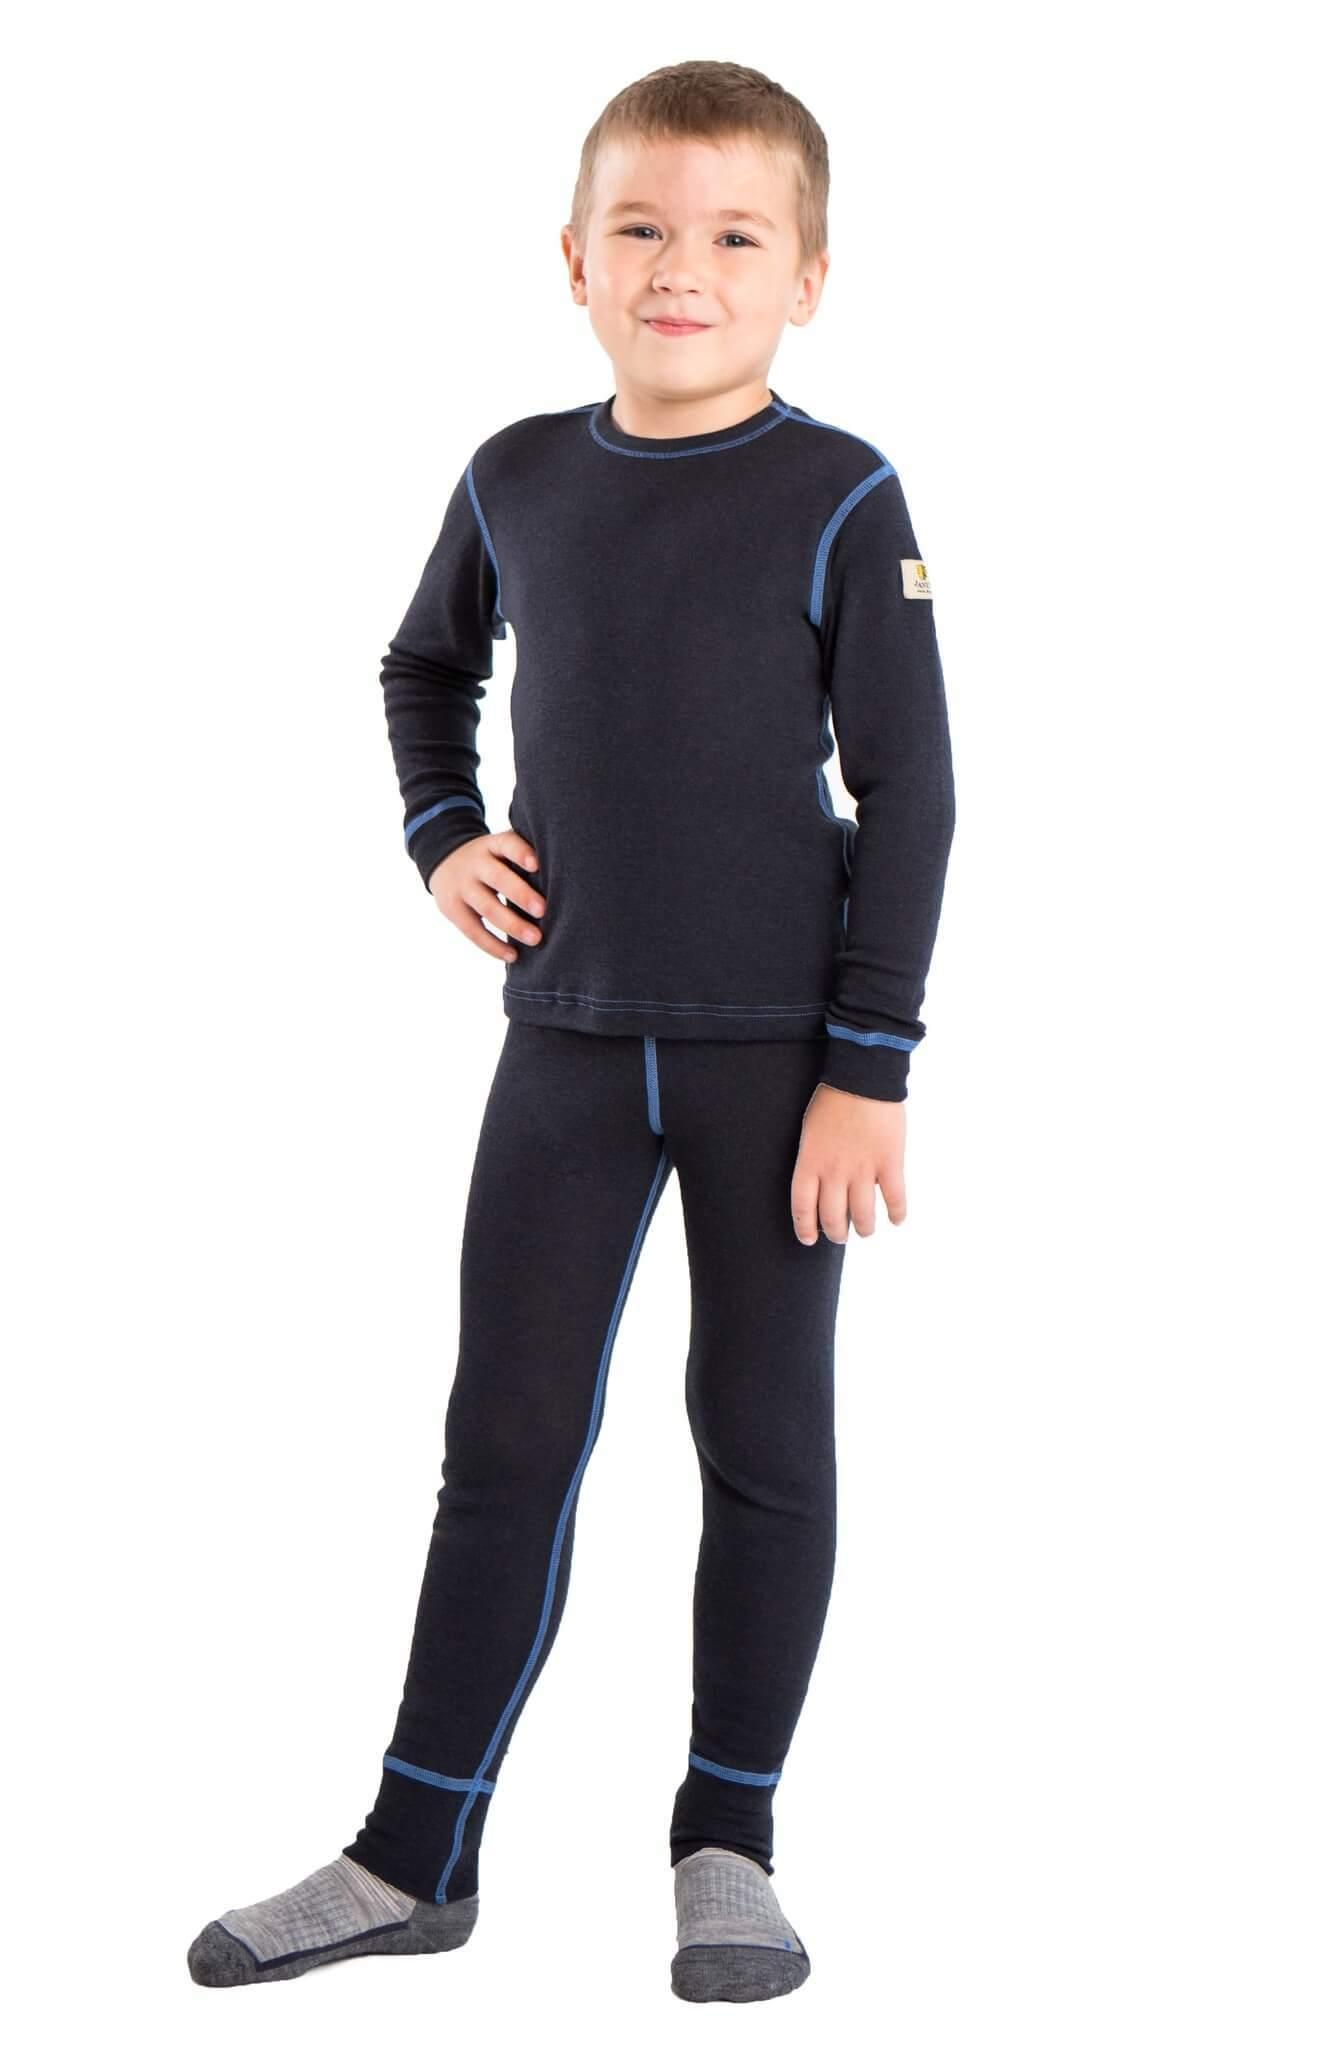 Janus детский комплект термобелья темно-серый